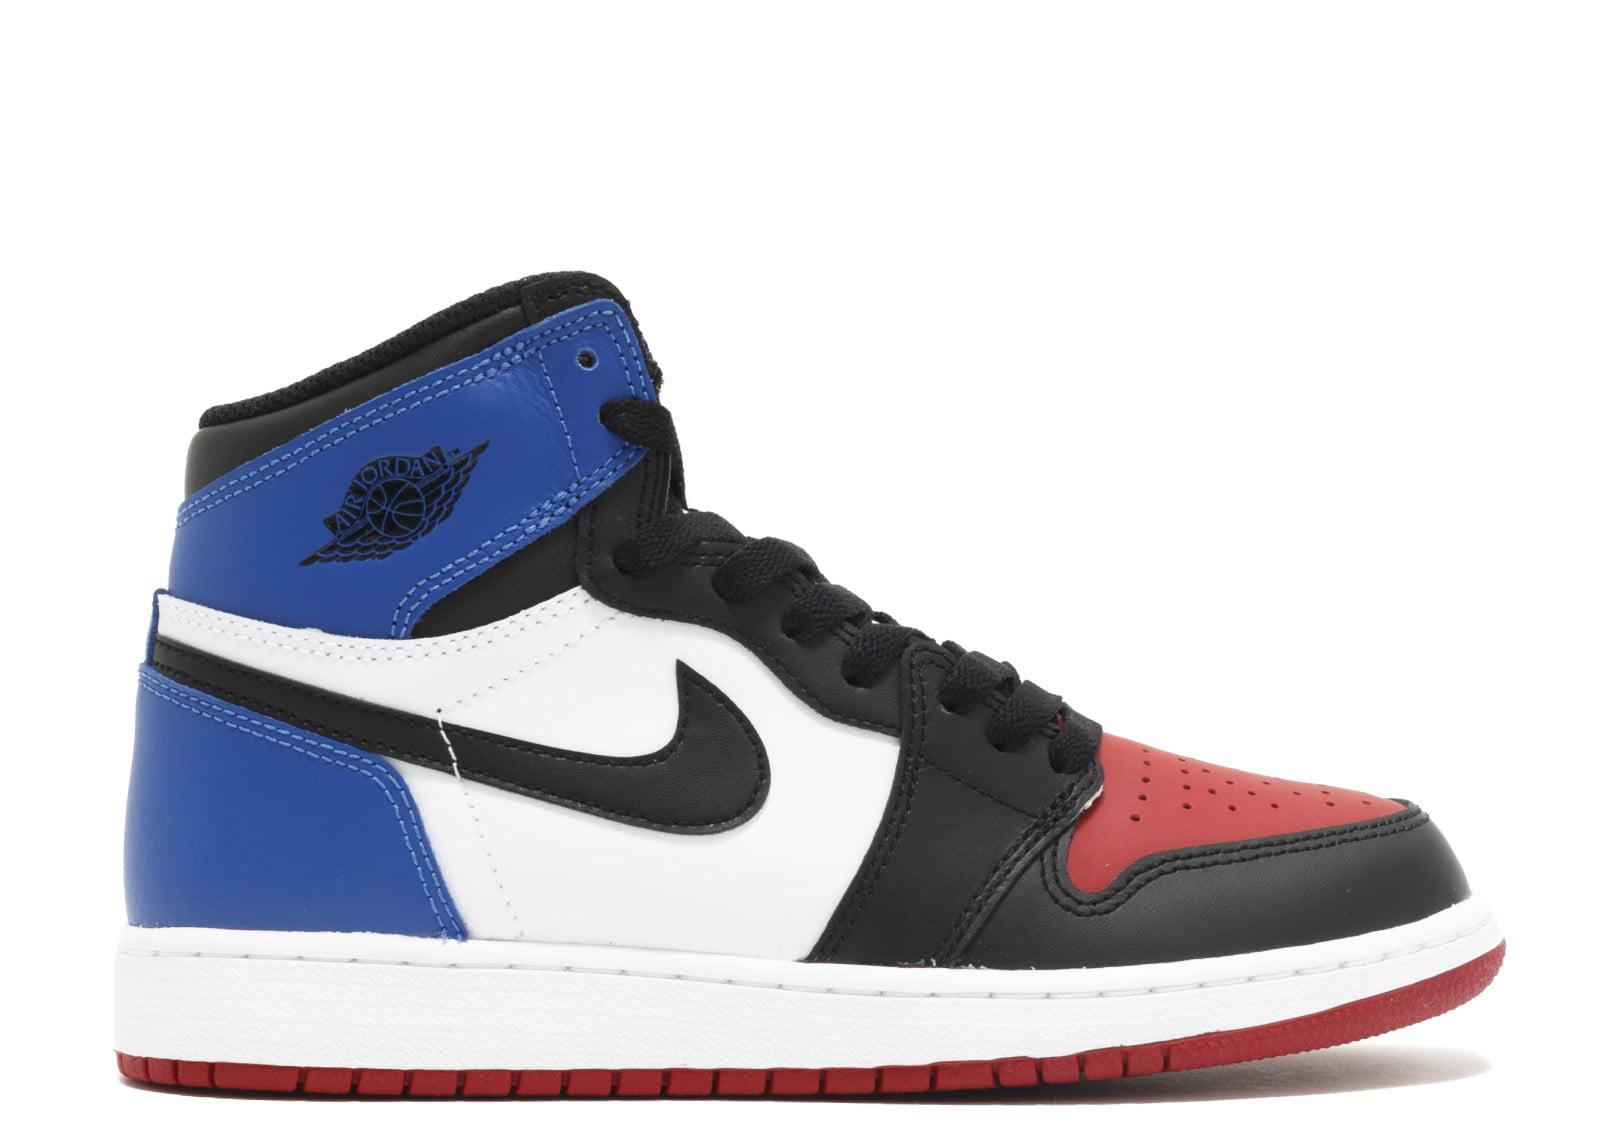 Air Jordan 1 Retro High Og Bg (Gs